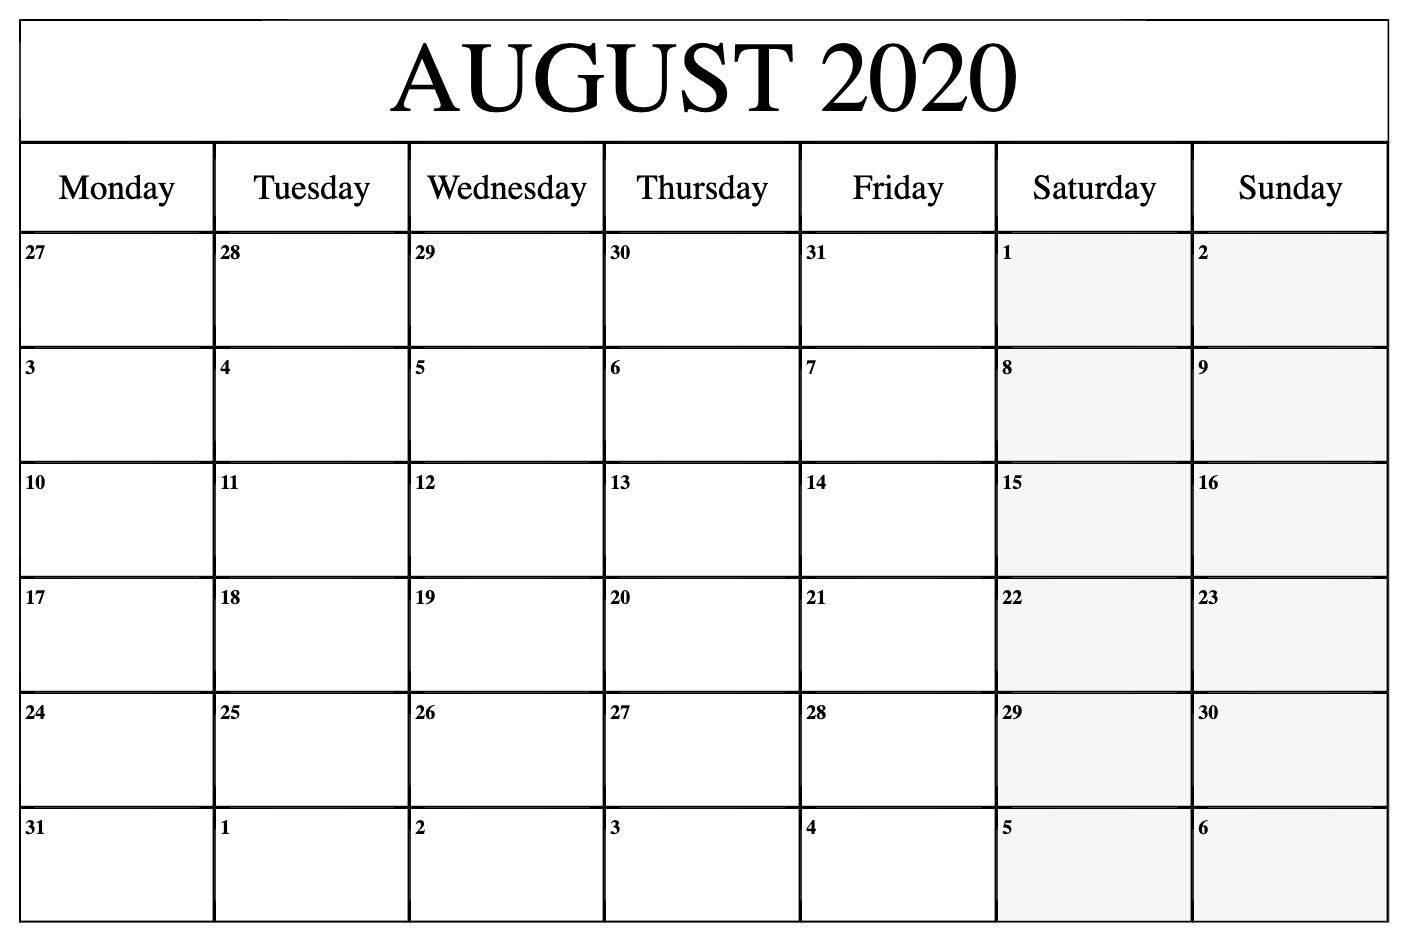 August 2020 Calendar Vertical